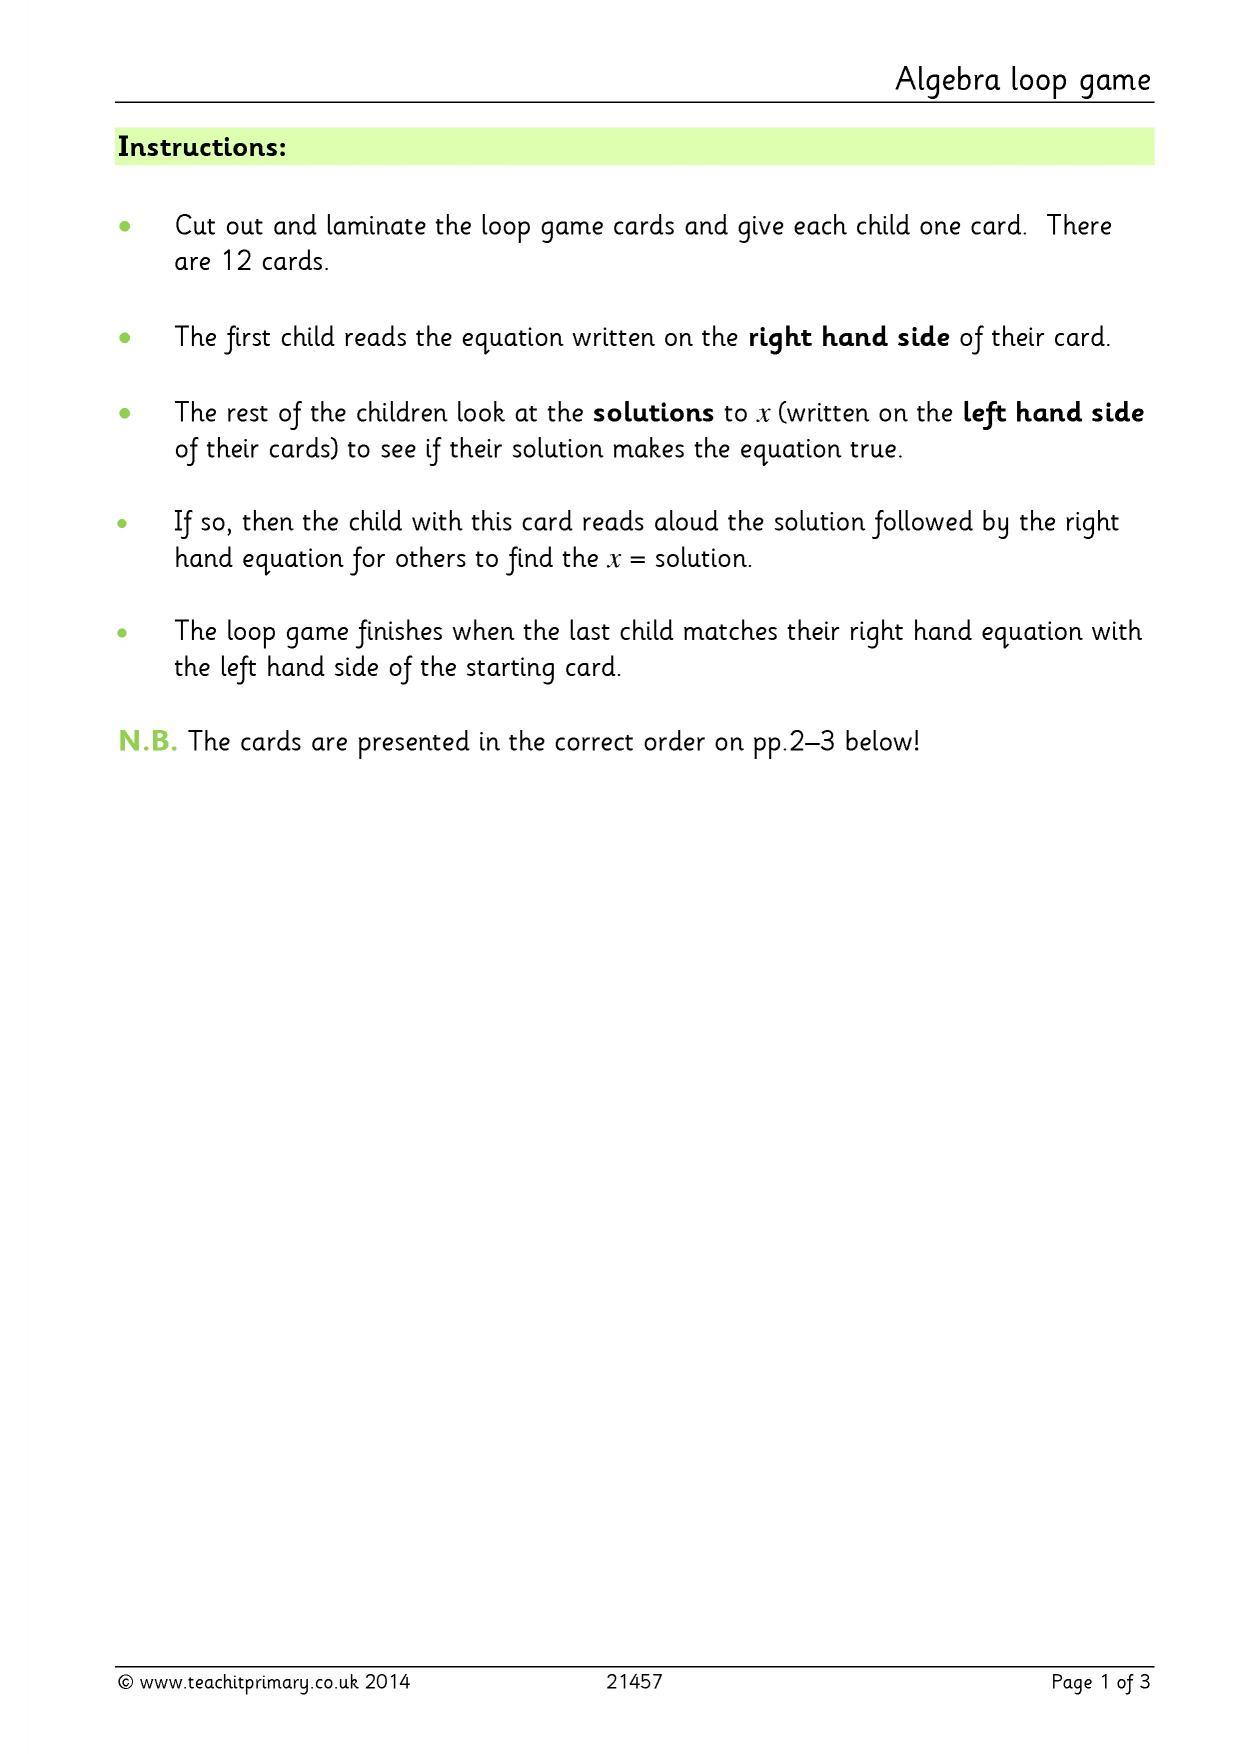 algebra loop game algebra teaching pack algebra ks2 home page. Black Bedroom Furniture Sets. Home Design Ideas